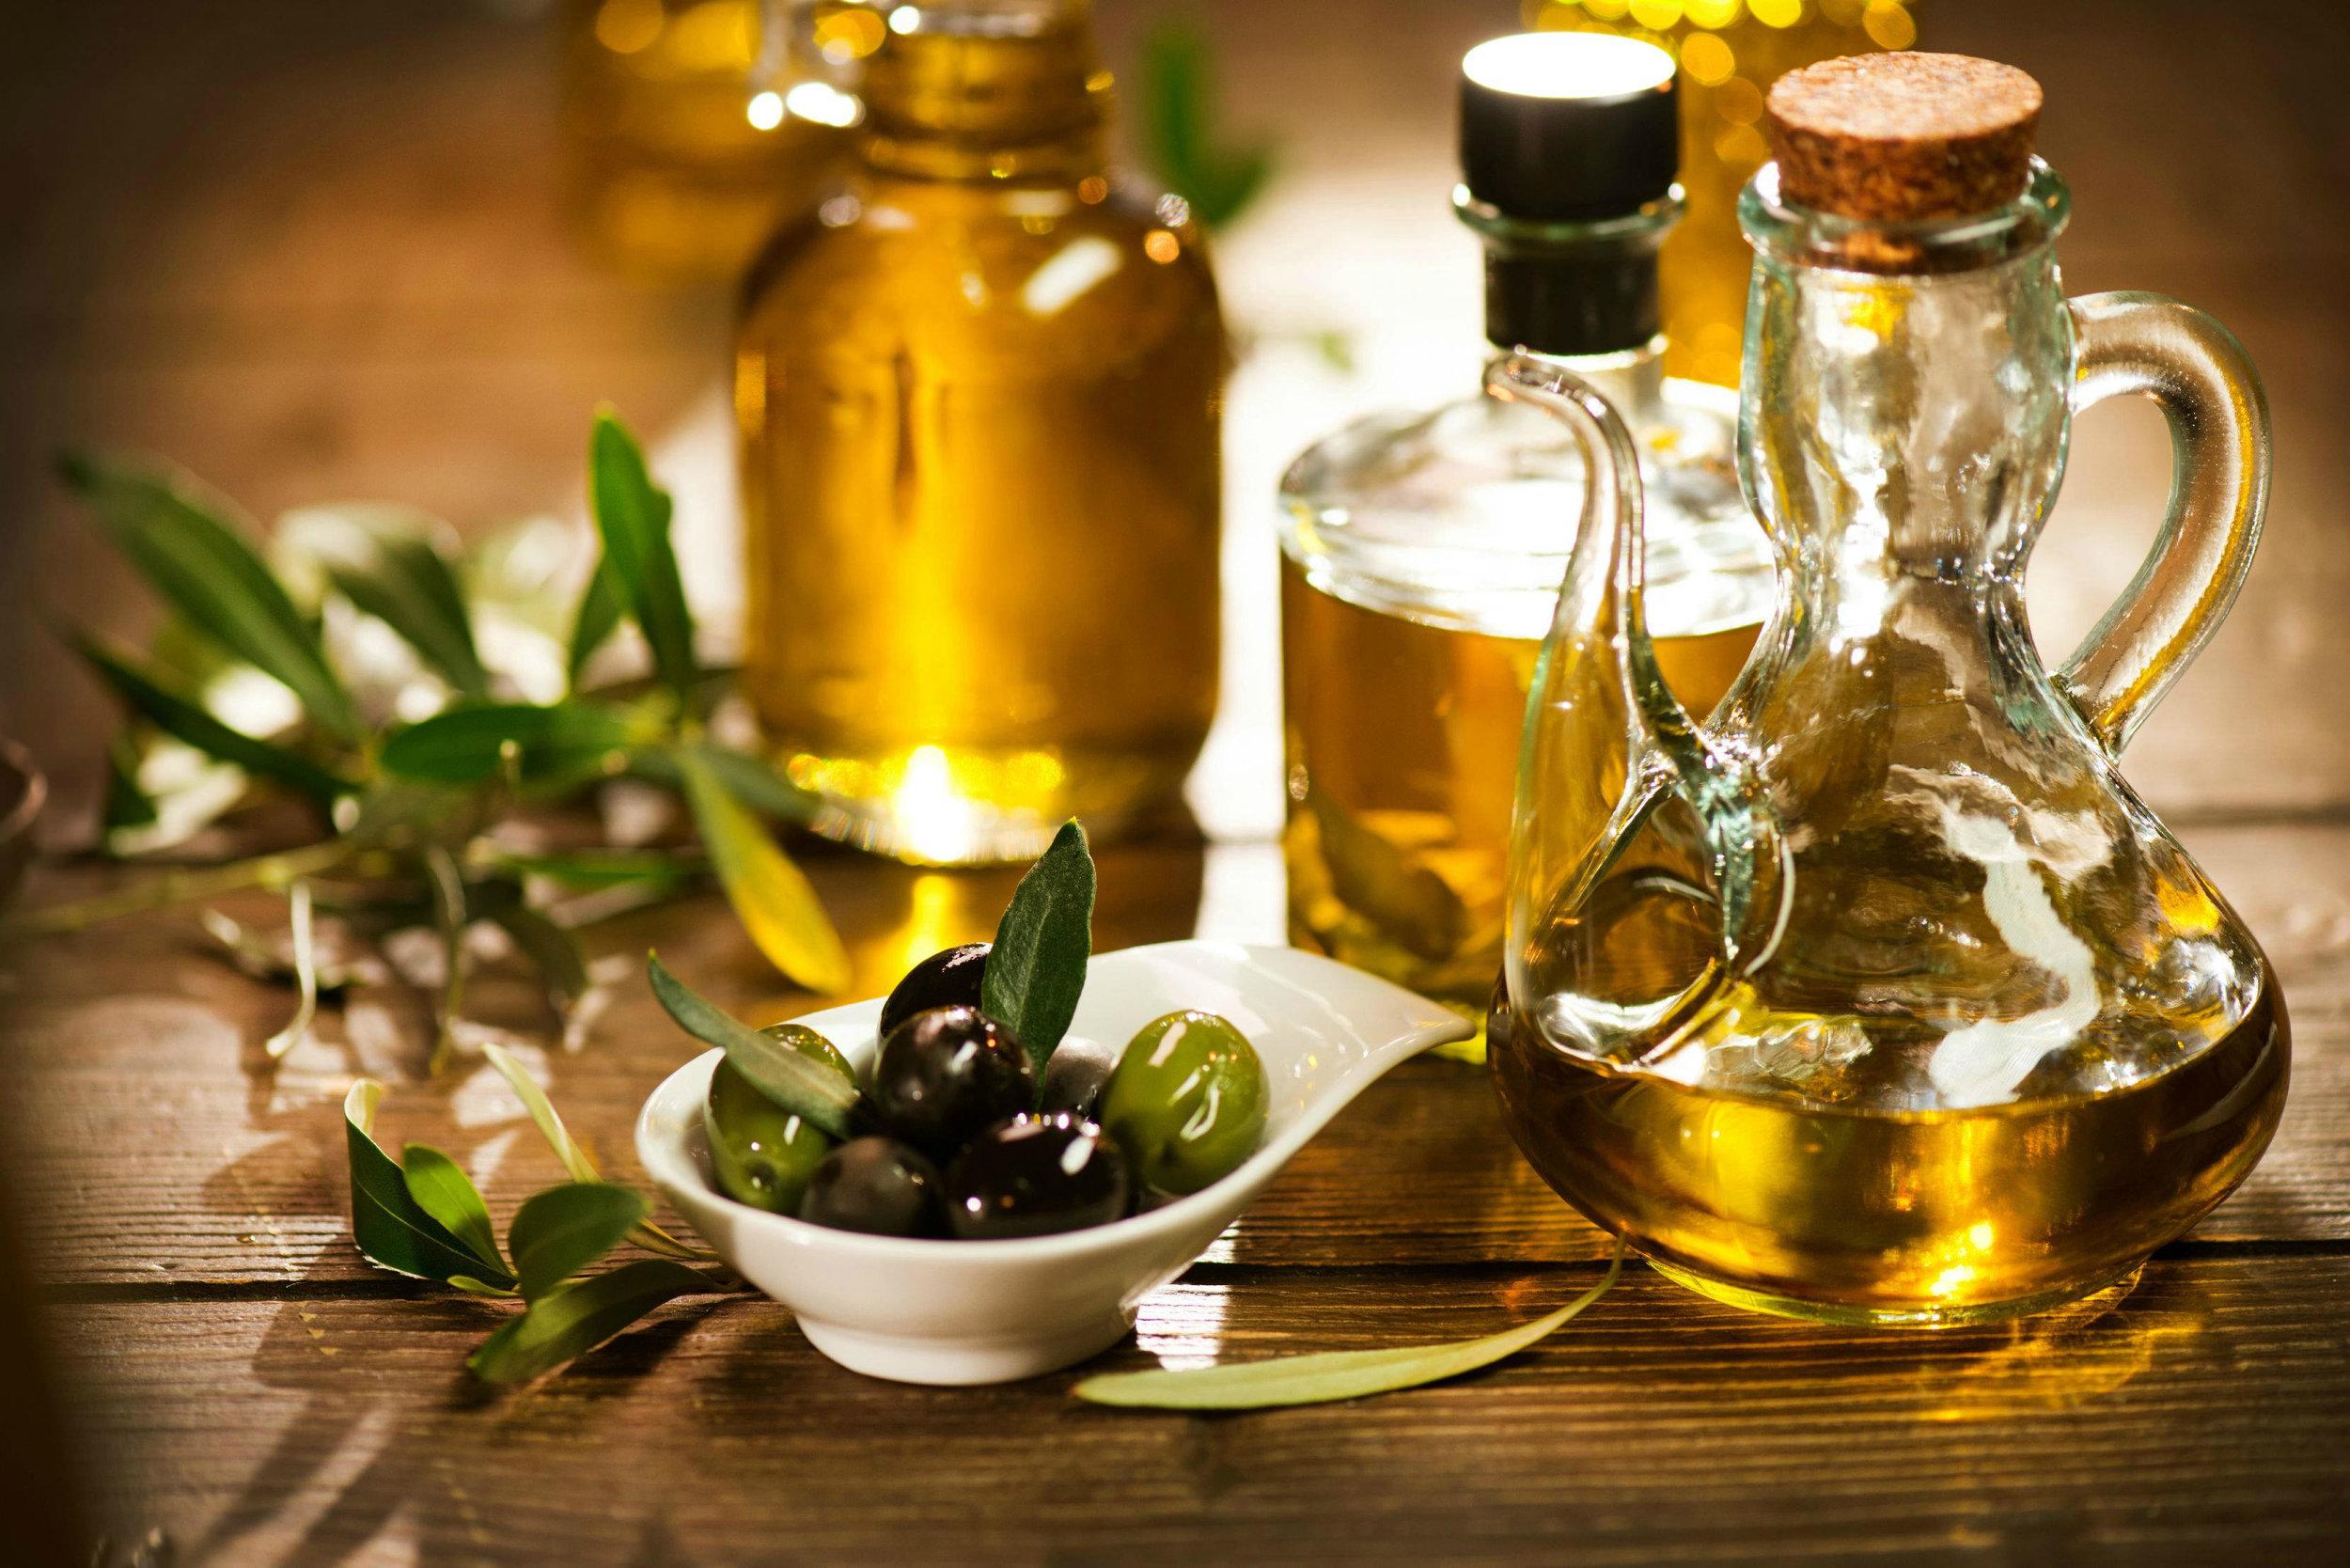 olives extra virgin olive oil